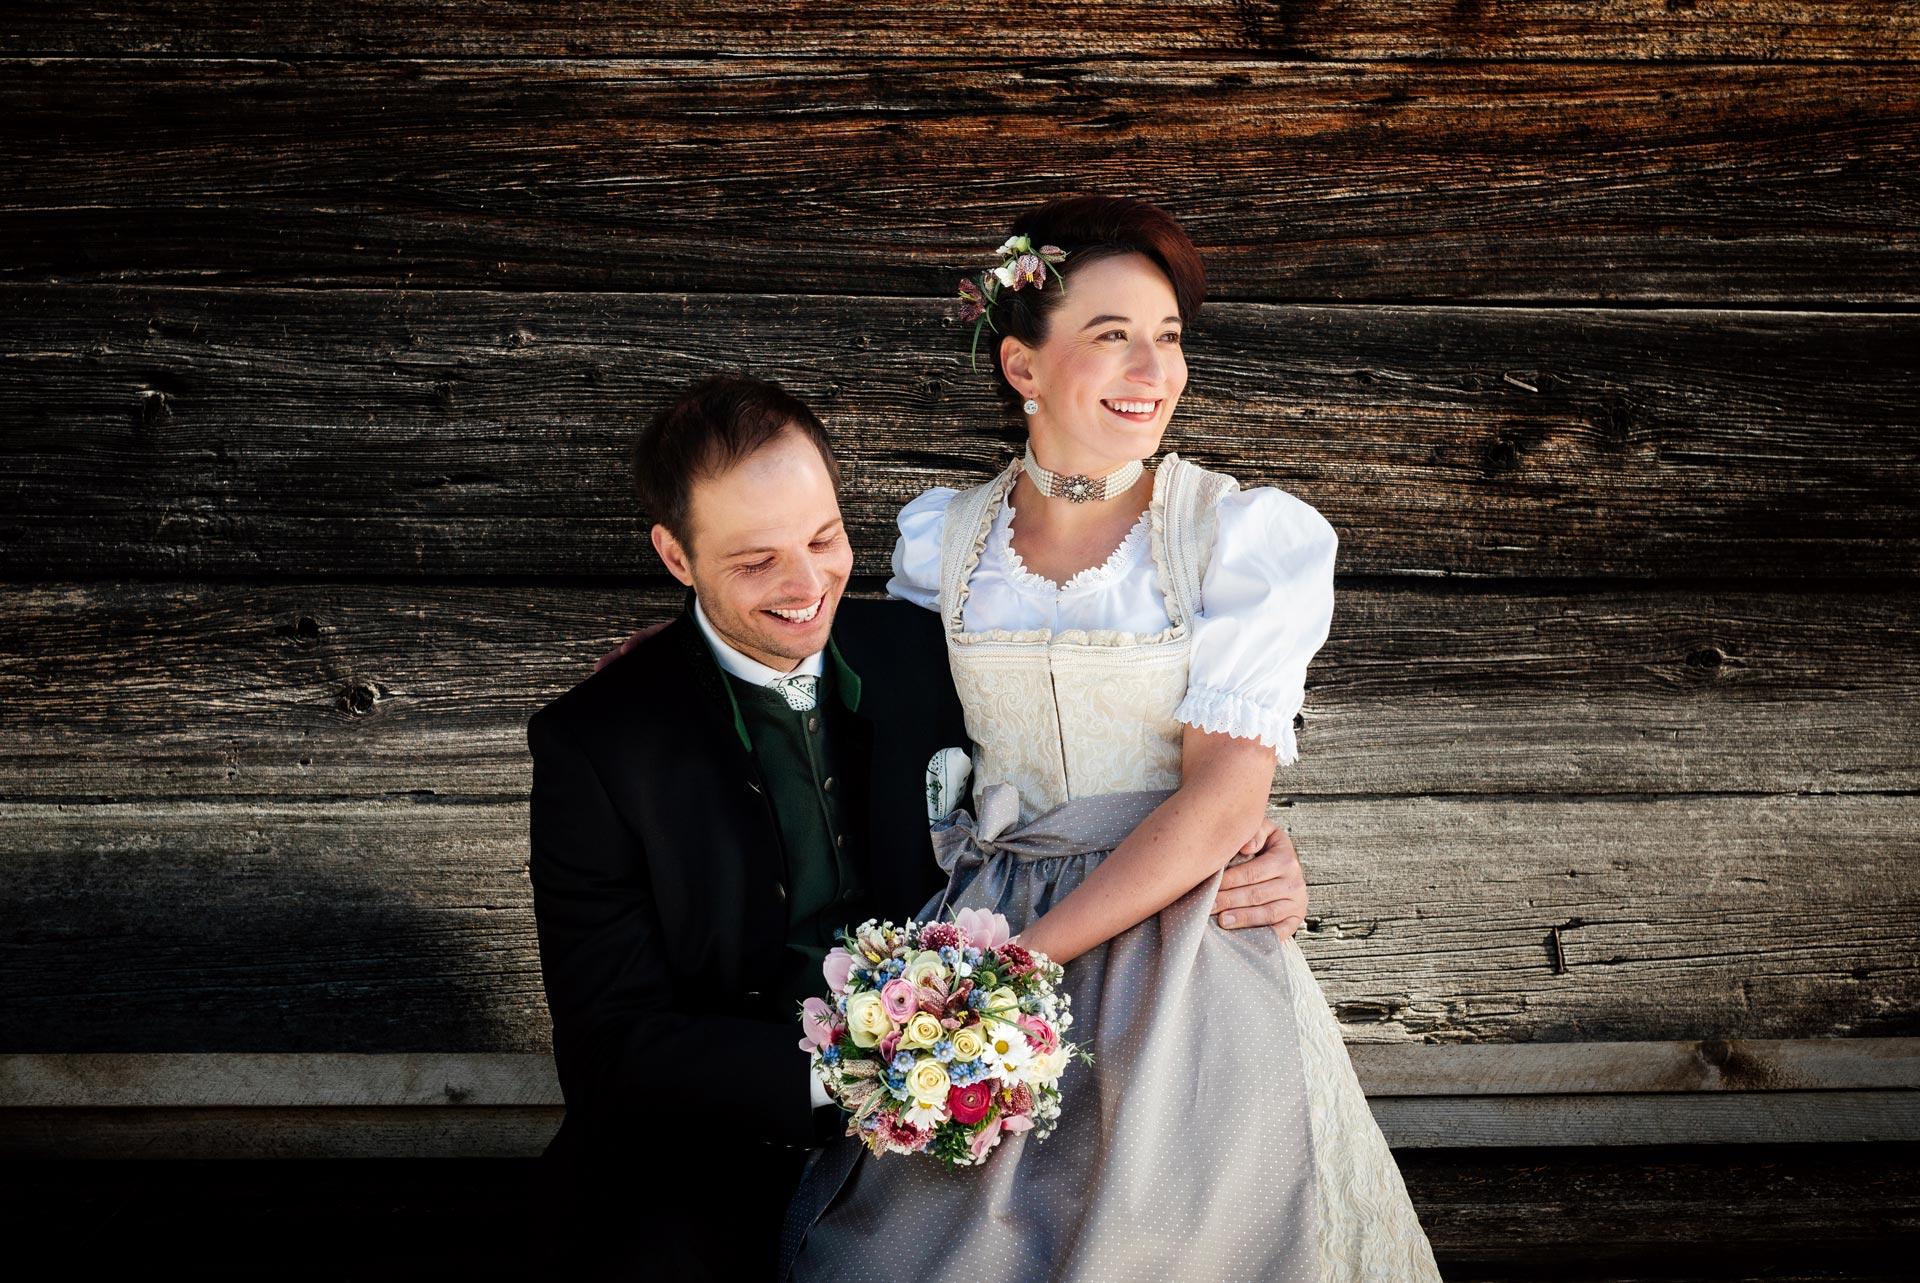 Romantik Hotel Schloss Pichlarn - steirische Hochzeit © Richard Schabetsberger